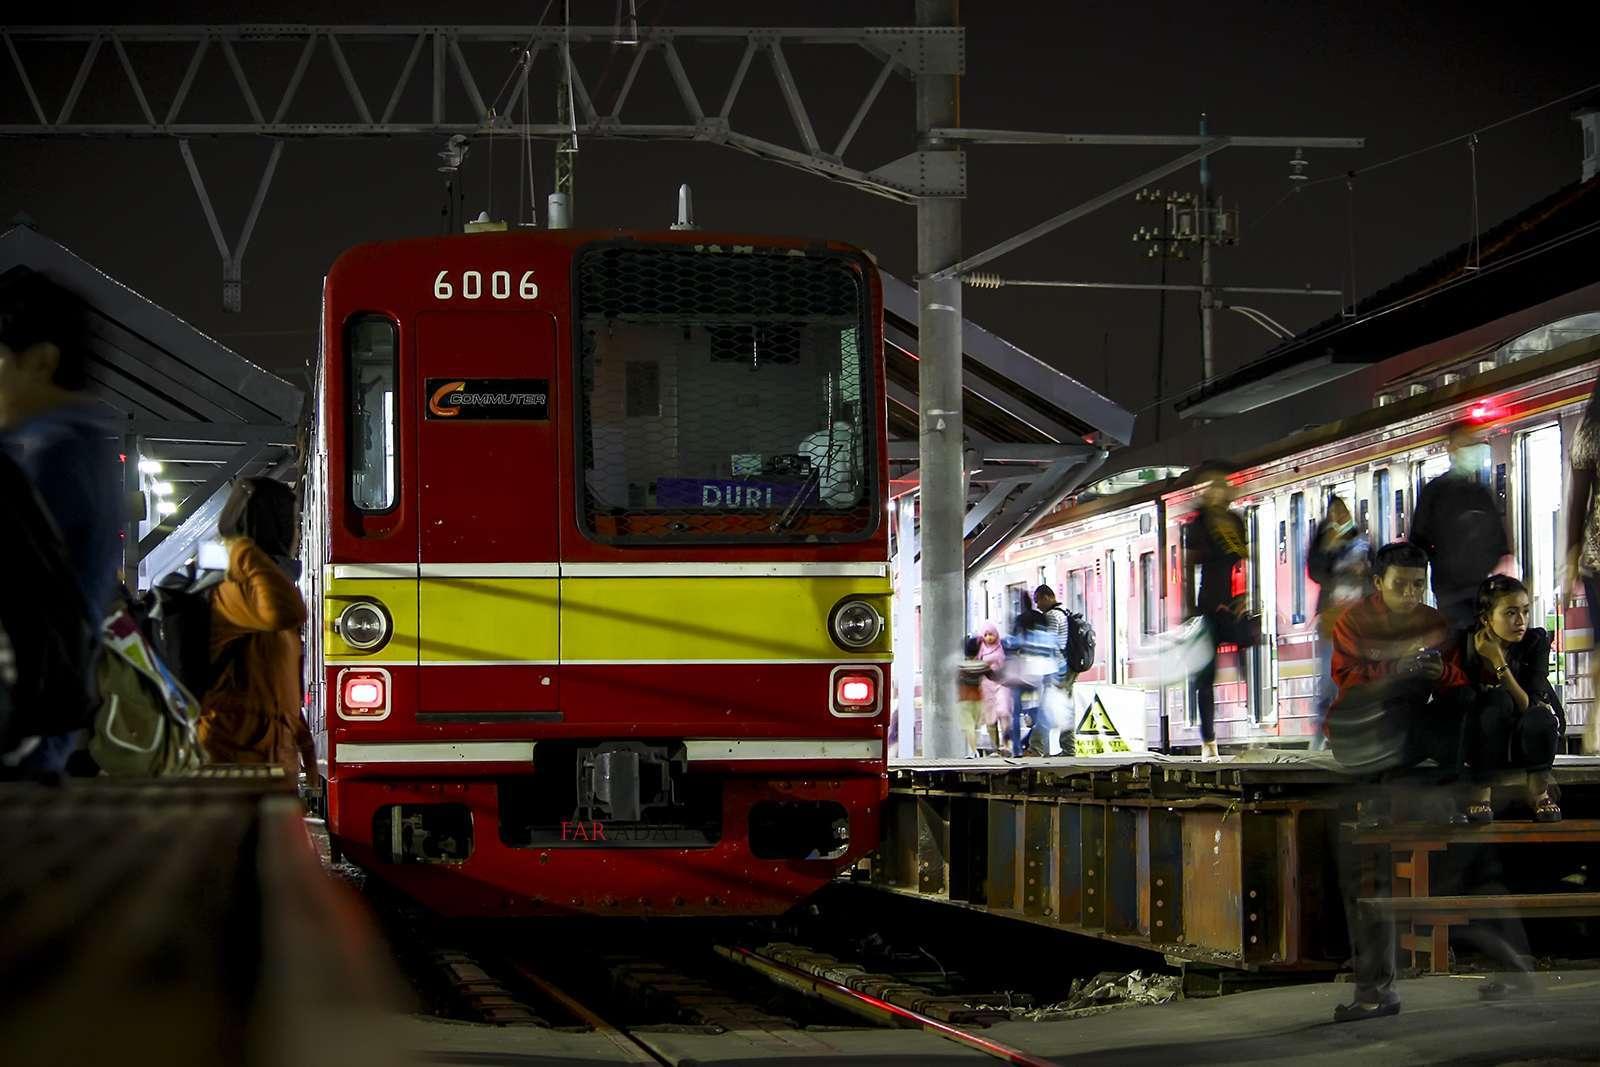 KRL Commuter Line di malam hari. | Foto: Farouq Adhari